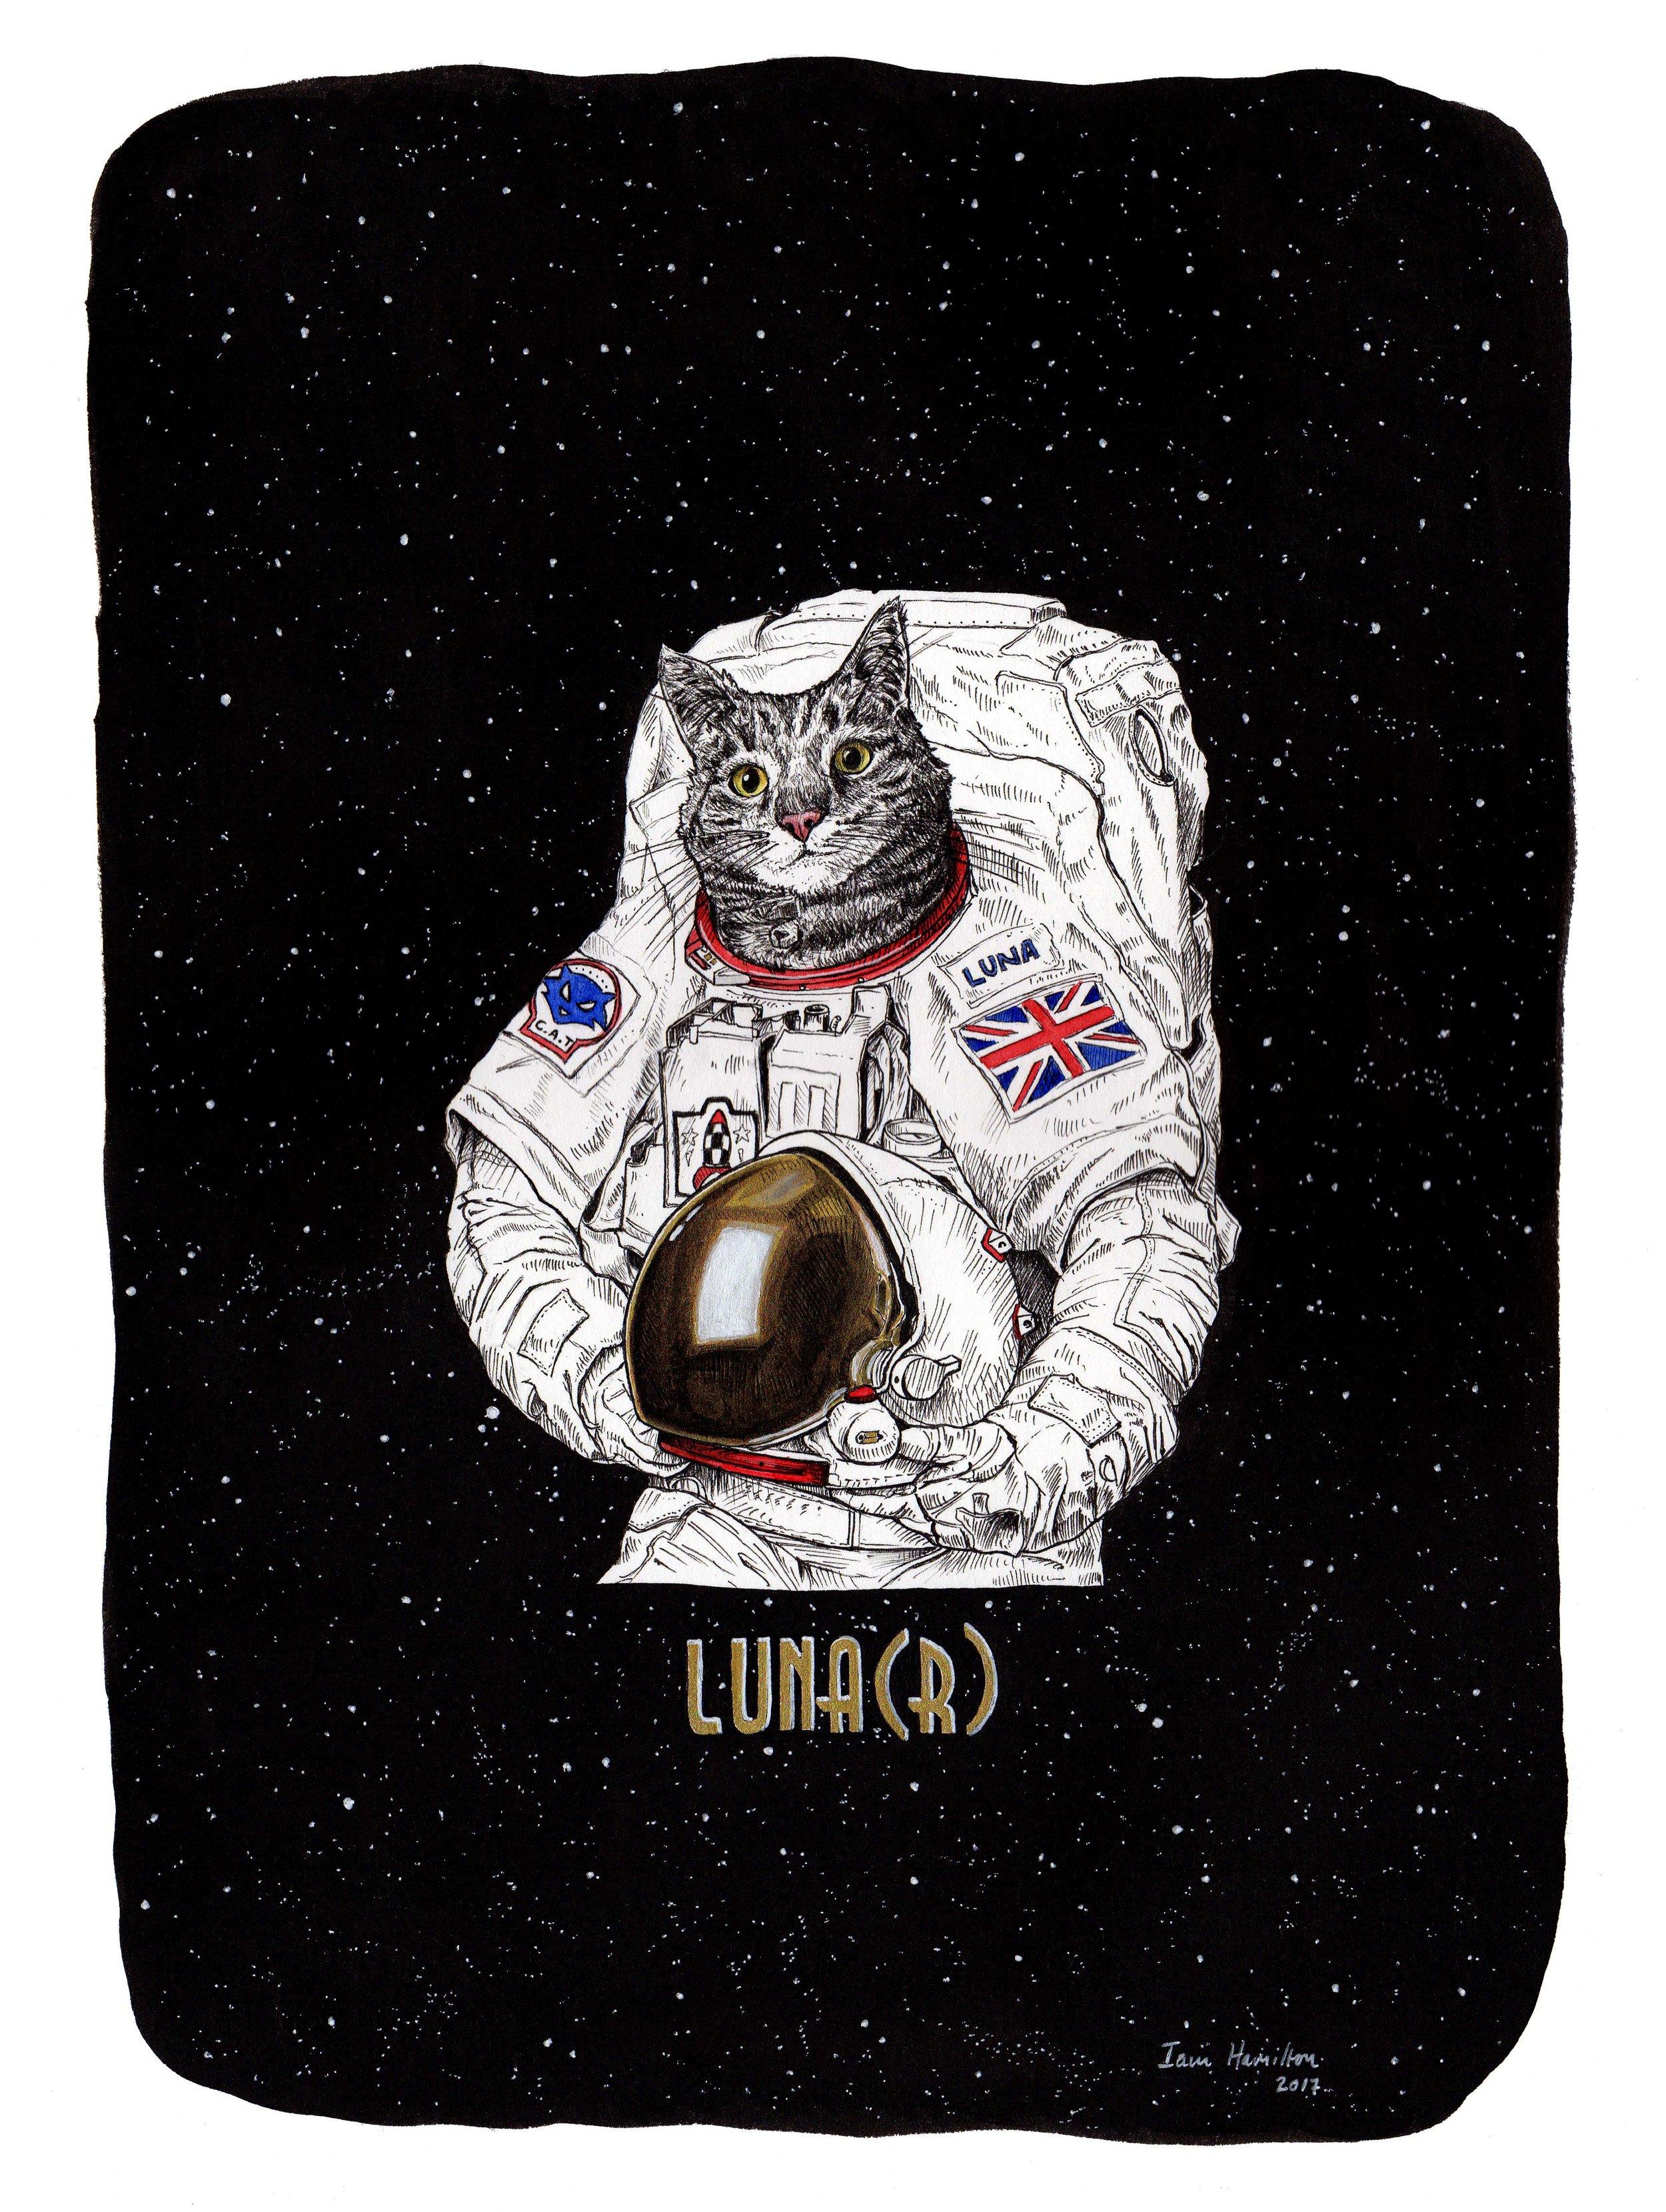 Luna(r)